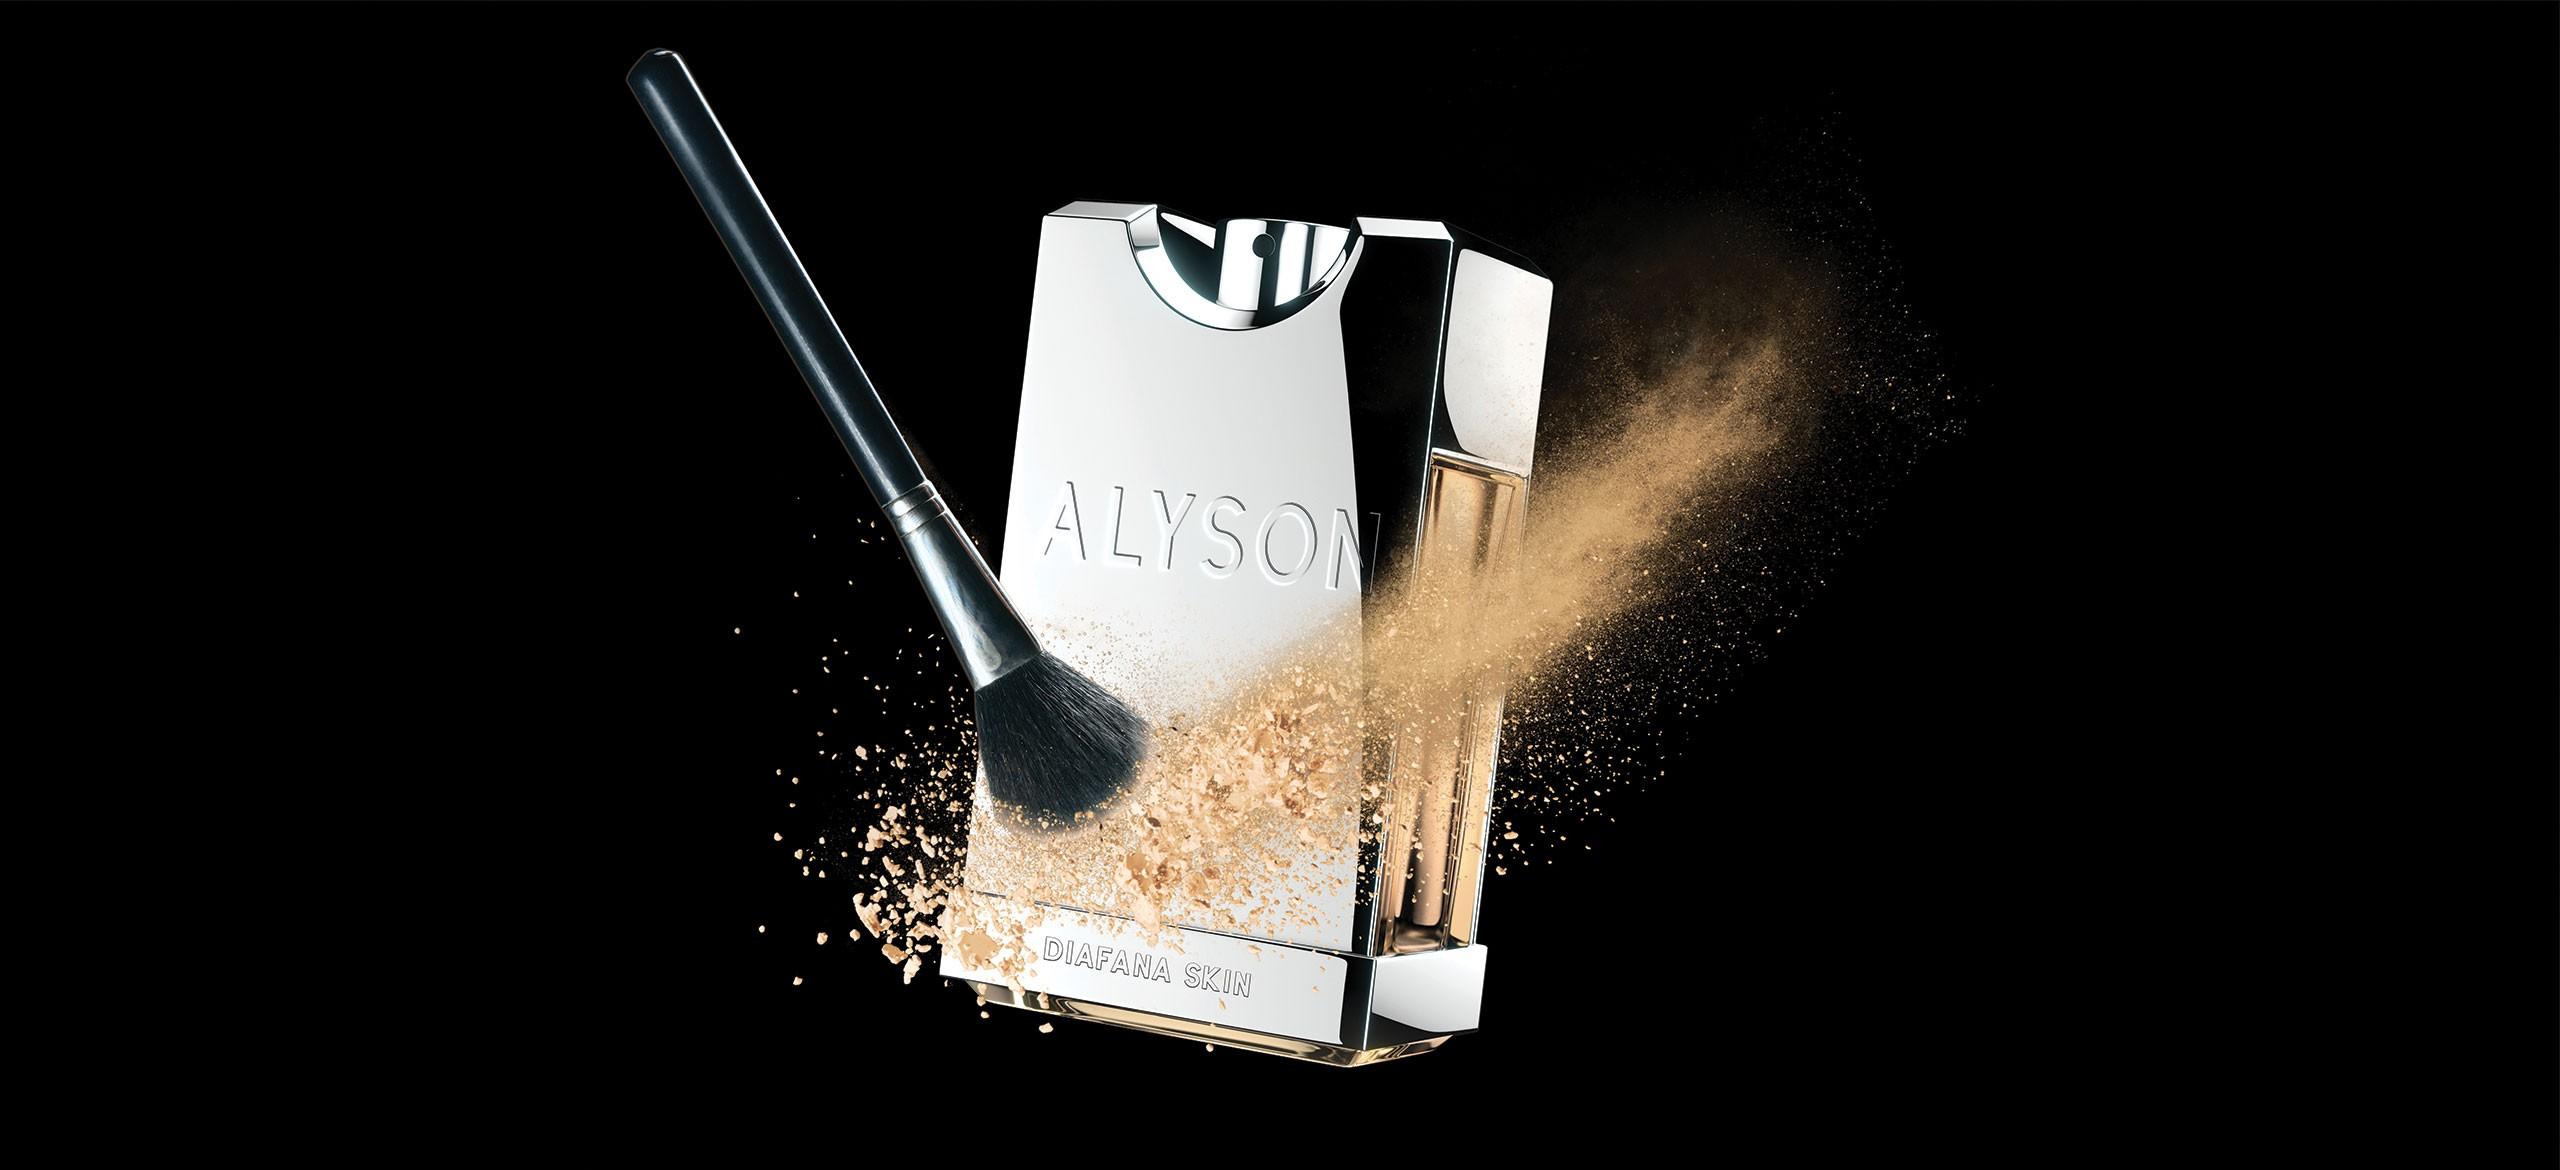 Alyson Oldoini Diafana Skin